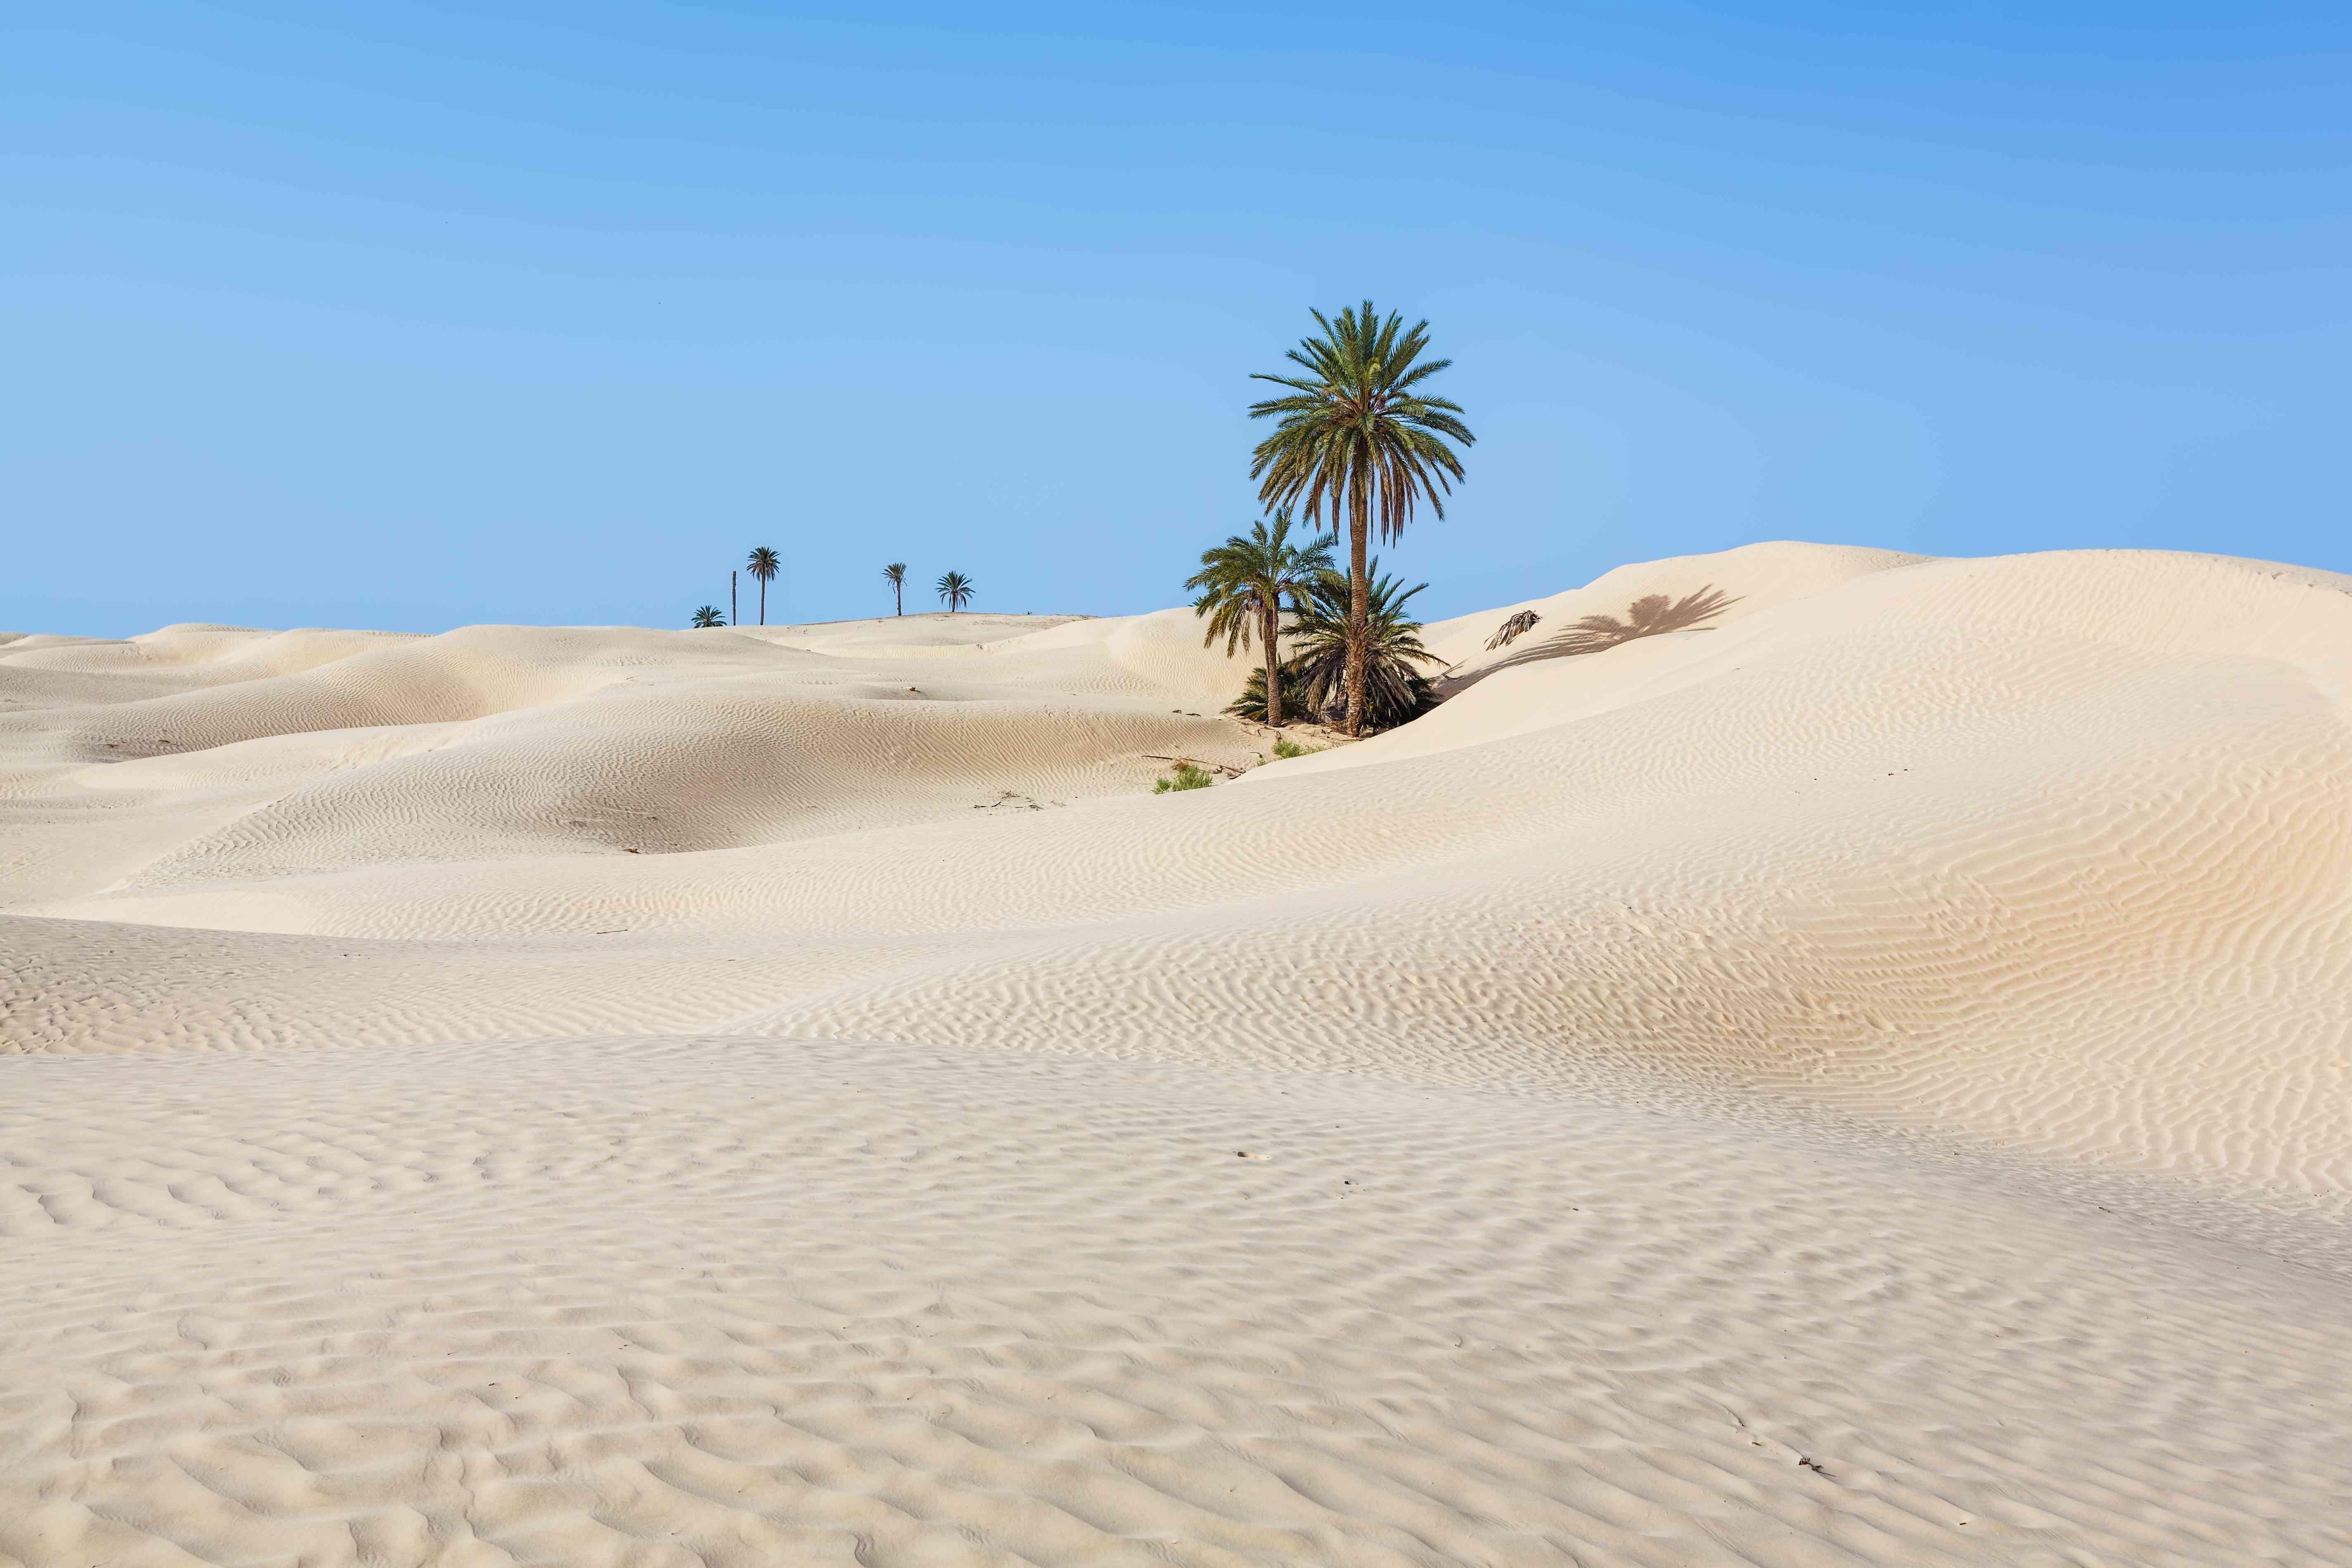 Palm trees in Kebili, Tunisia